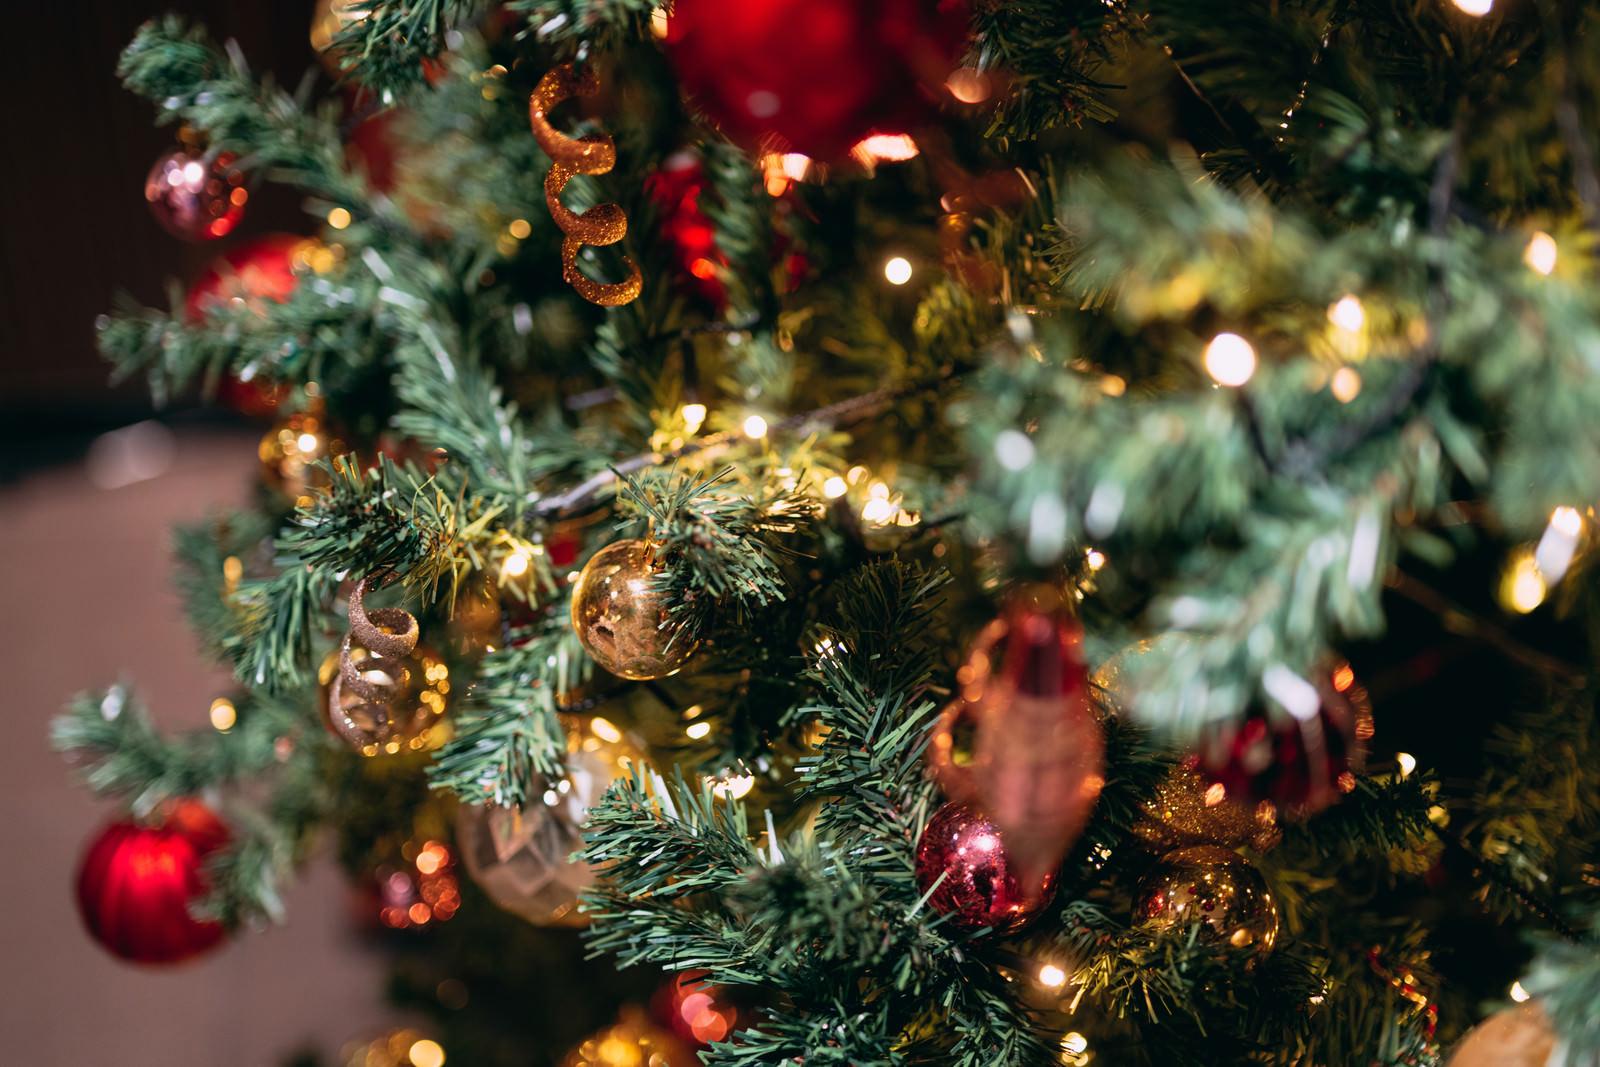 「クリスマスツリーと飾り」の写真